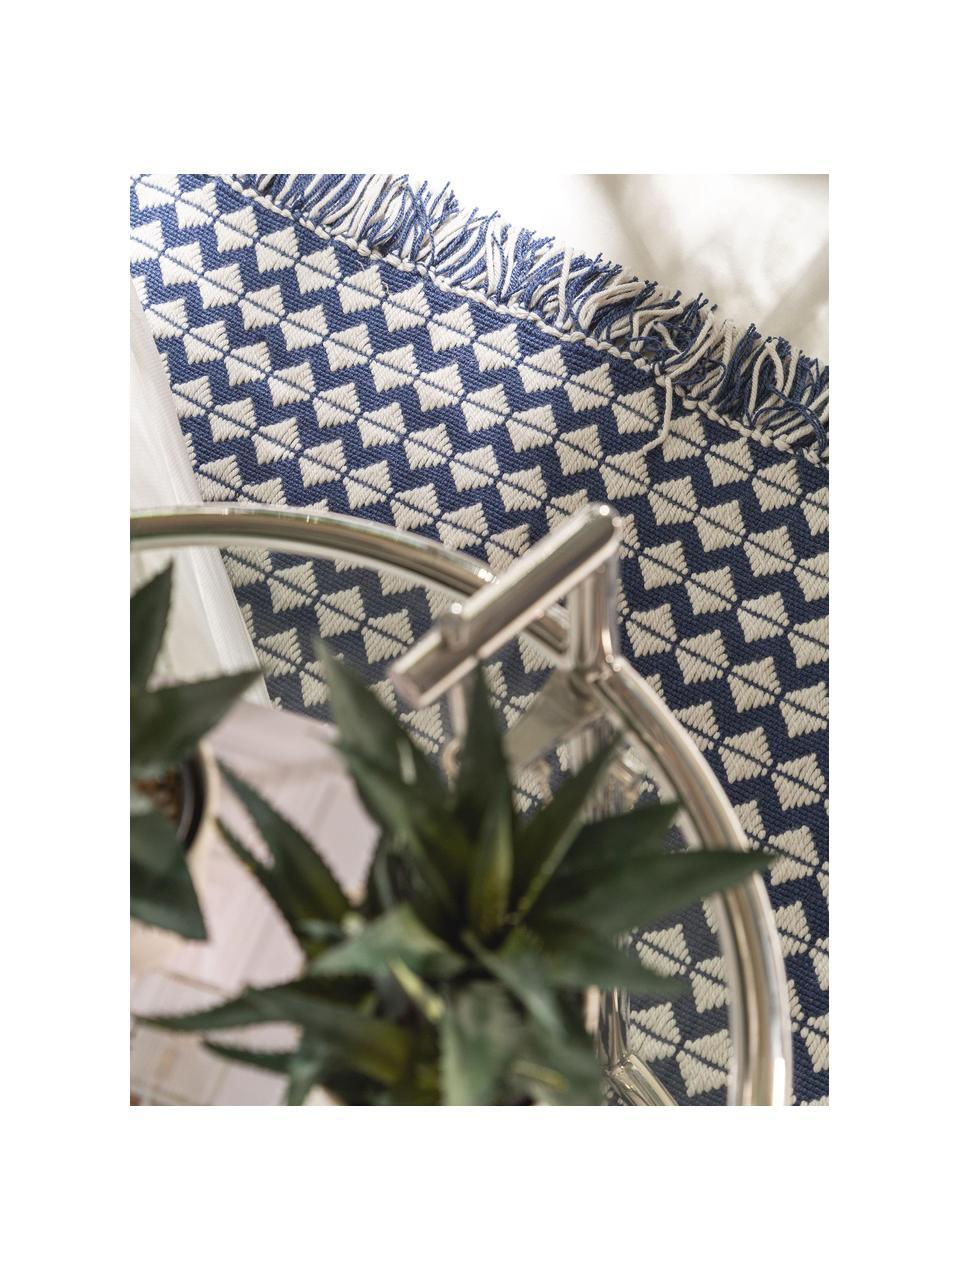 Tappeto etnico da interno-esterno con frange Morty, 100% poliestere (PET riciclato), Blu scuro, bianco latteo, Larg. 160 x Lung. 230 cm (taglia M)